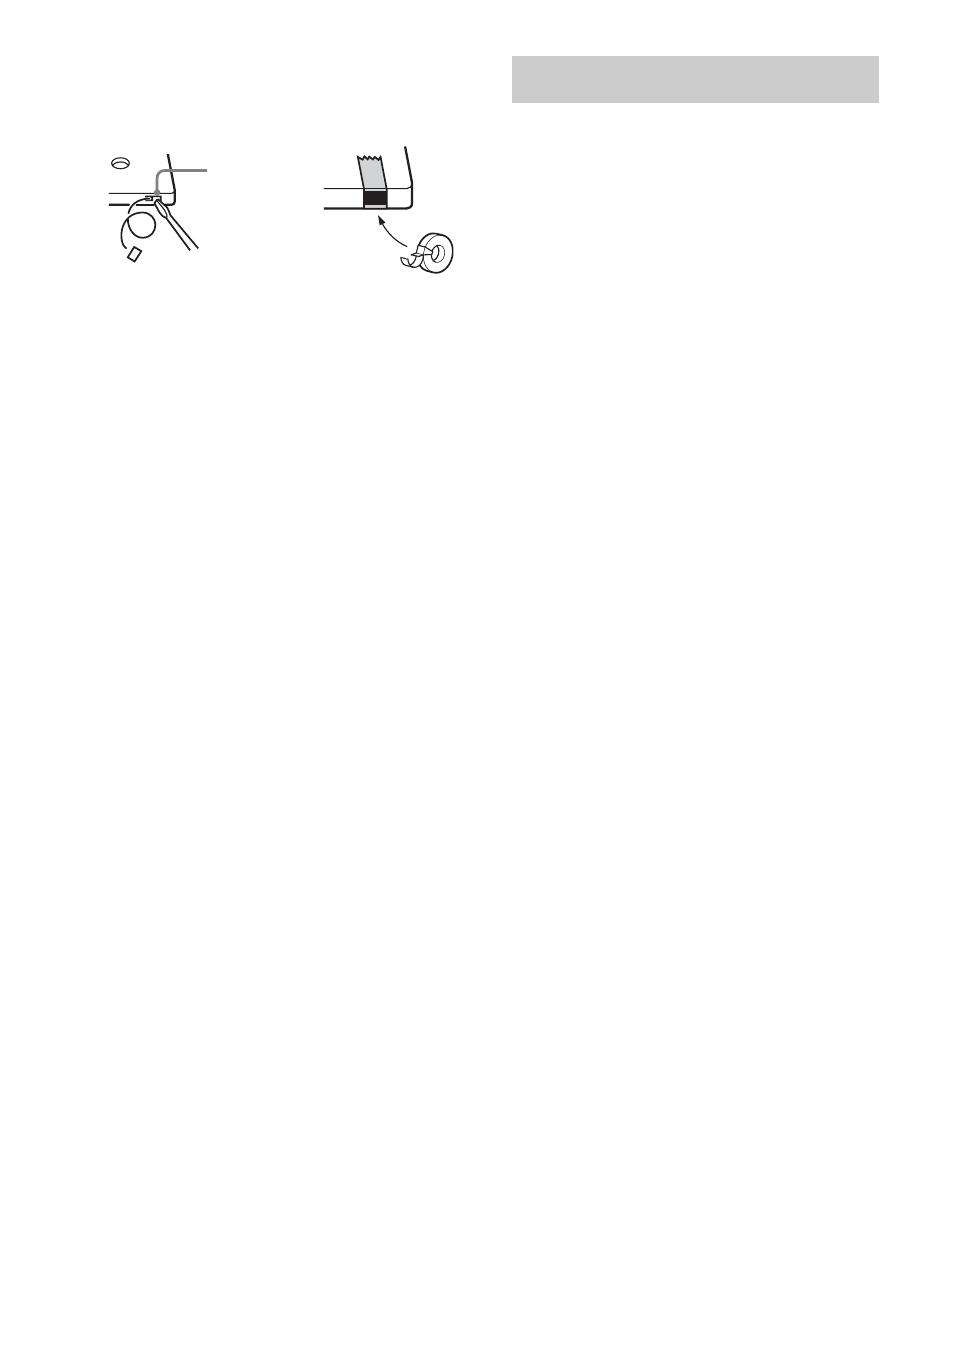 Motorola em330 reviews, specs & price compare.